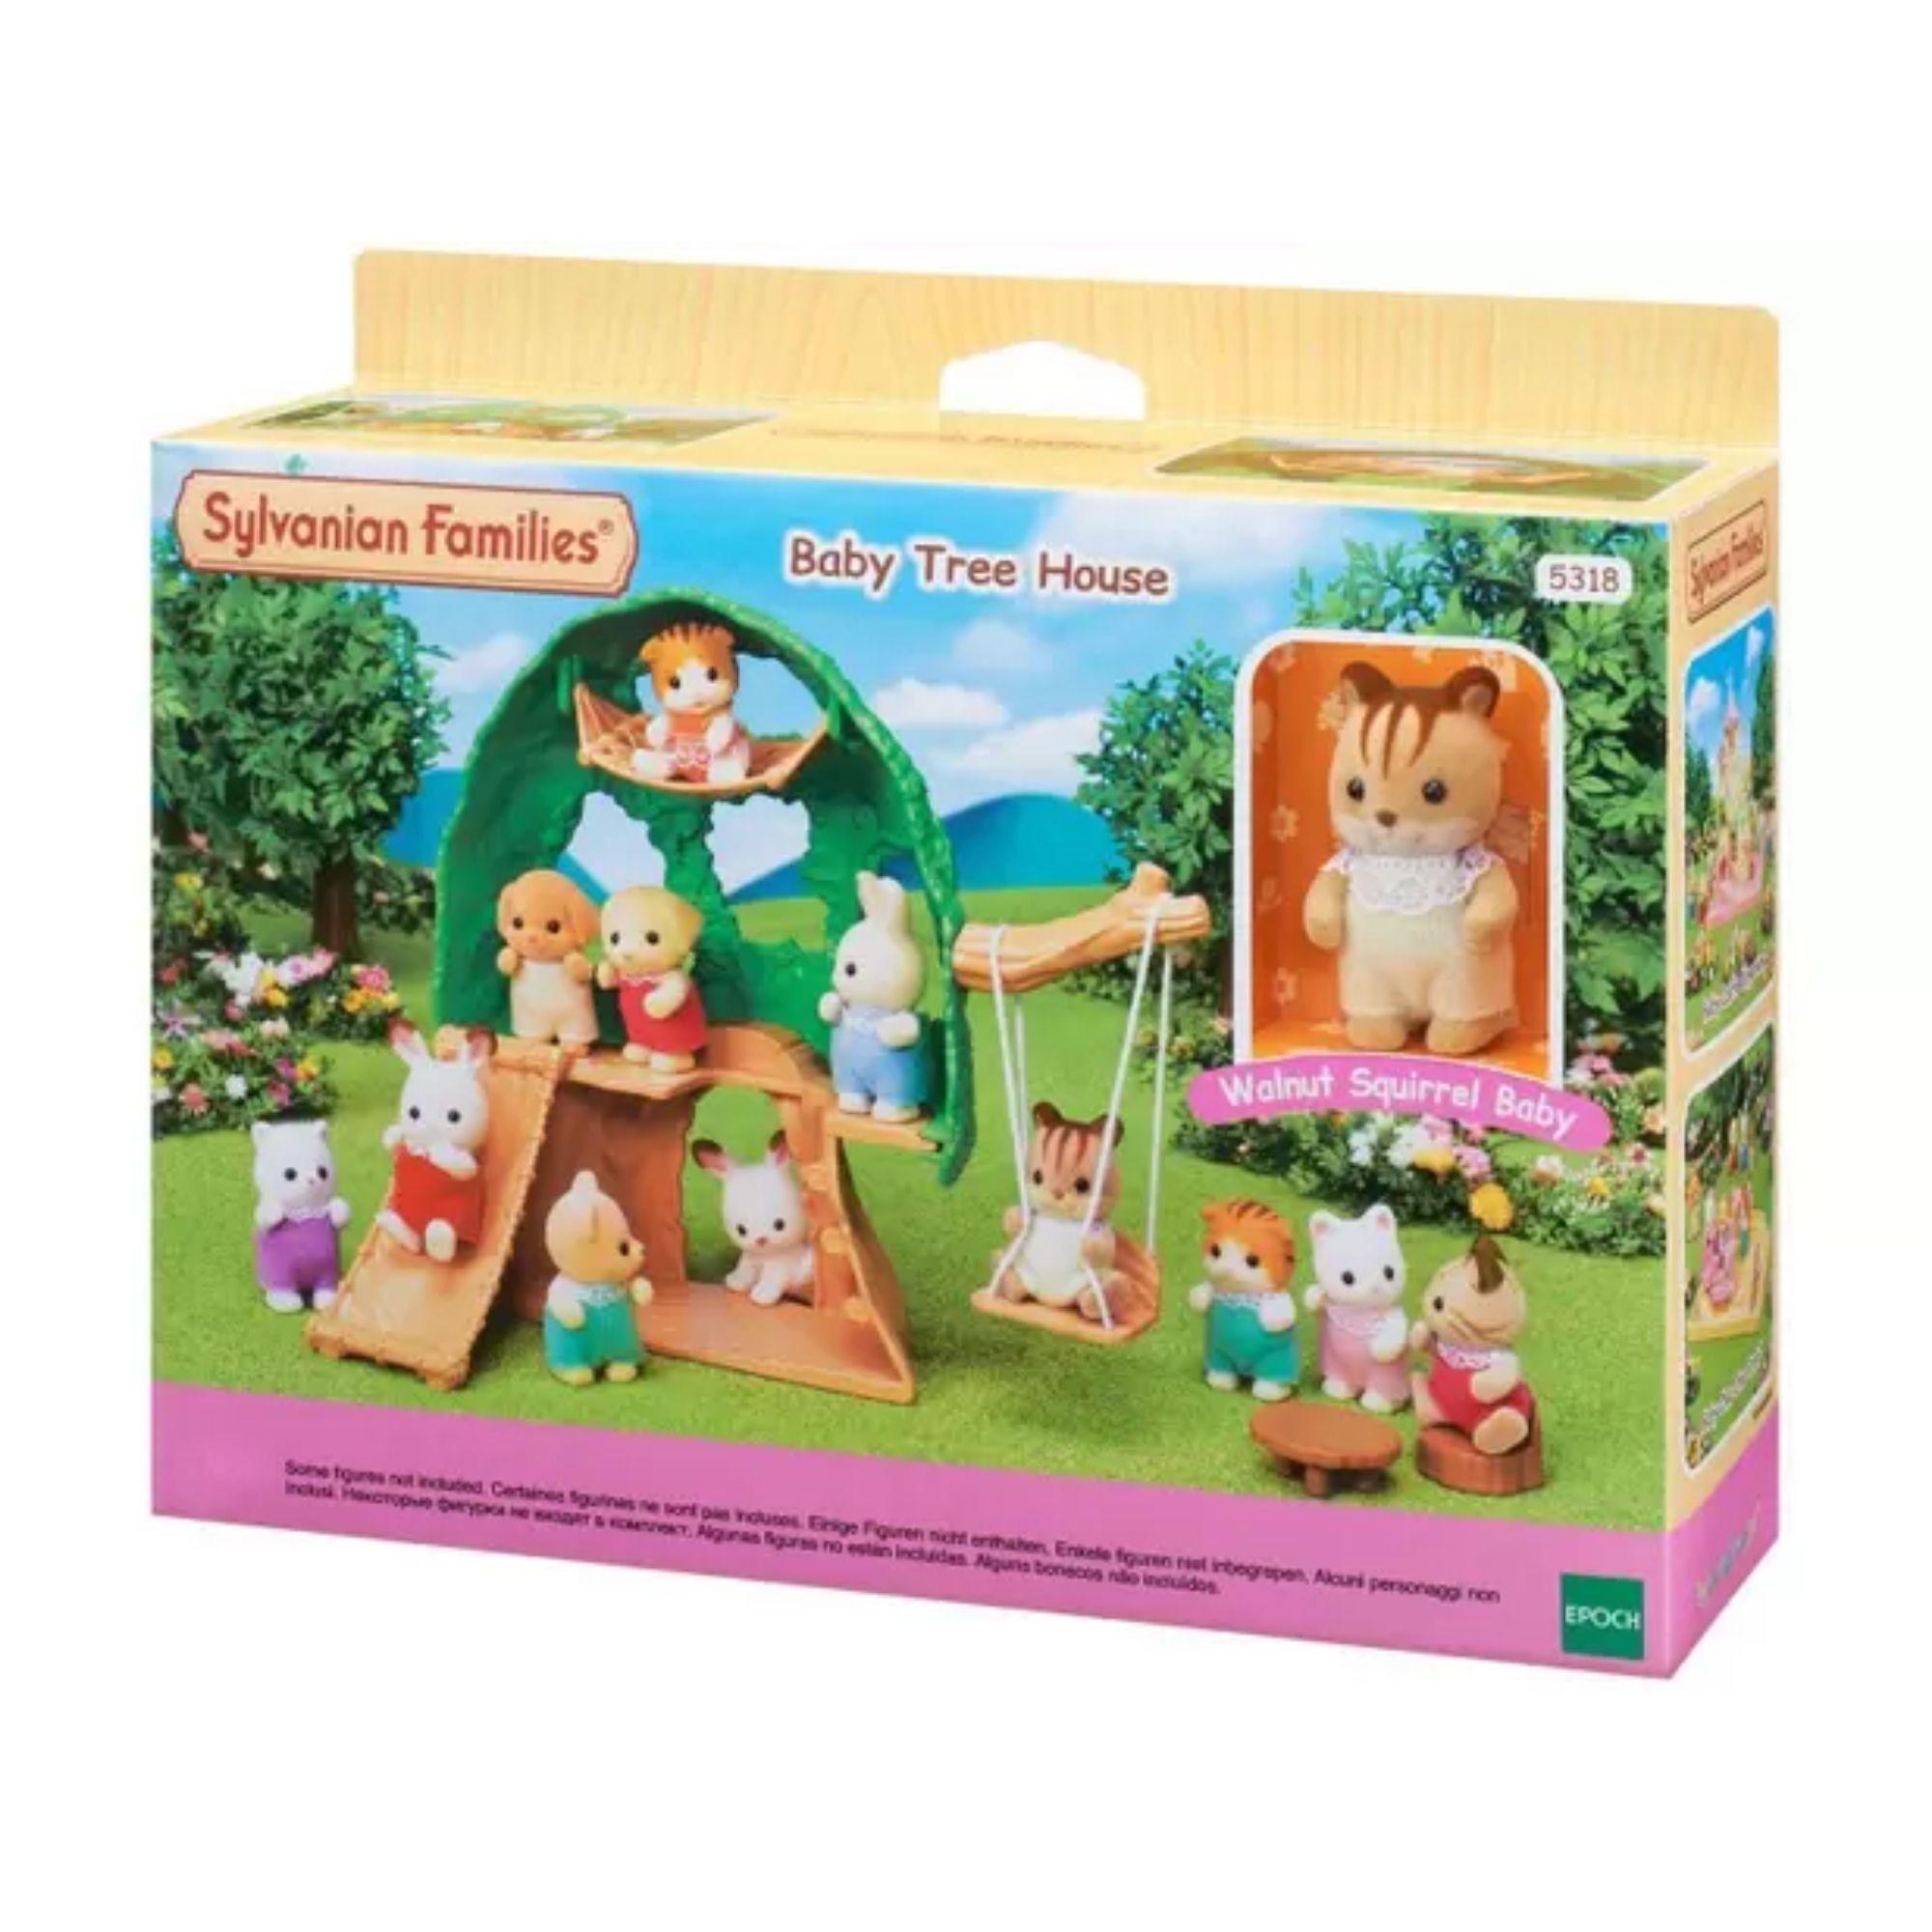 Brinquedo Sylvanian Families Casa na Árvore do Bebê 5318 Epoch  - Game Land Brinquedos